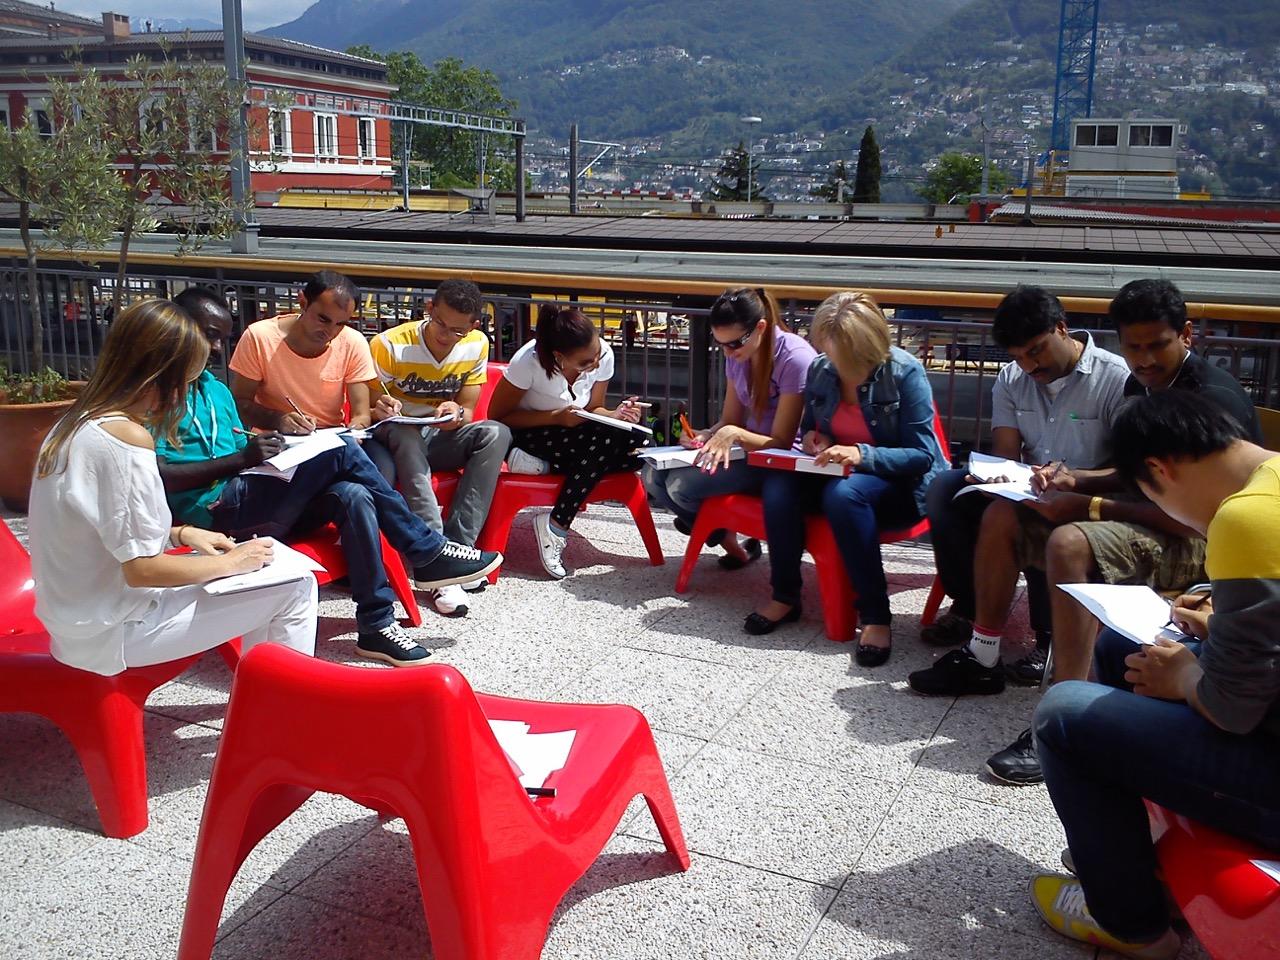 ILI students studying outside